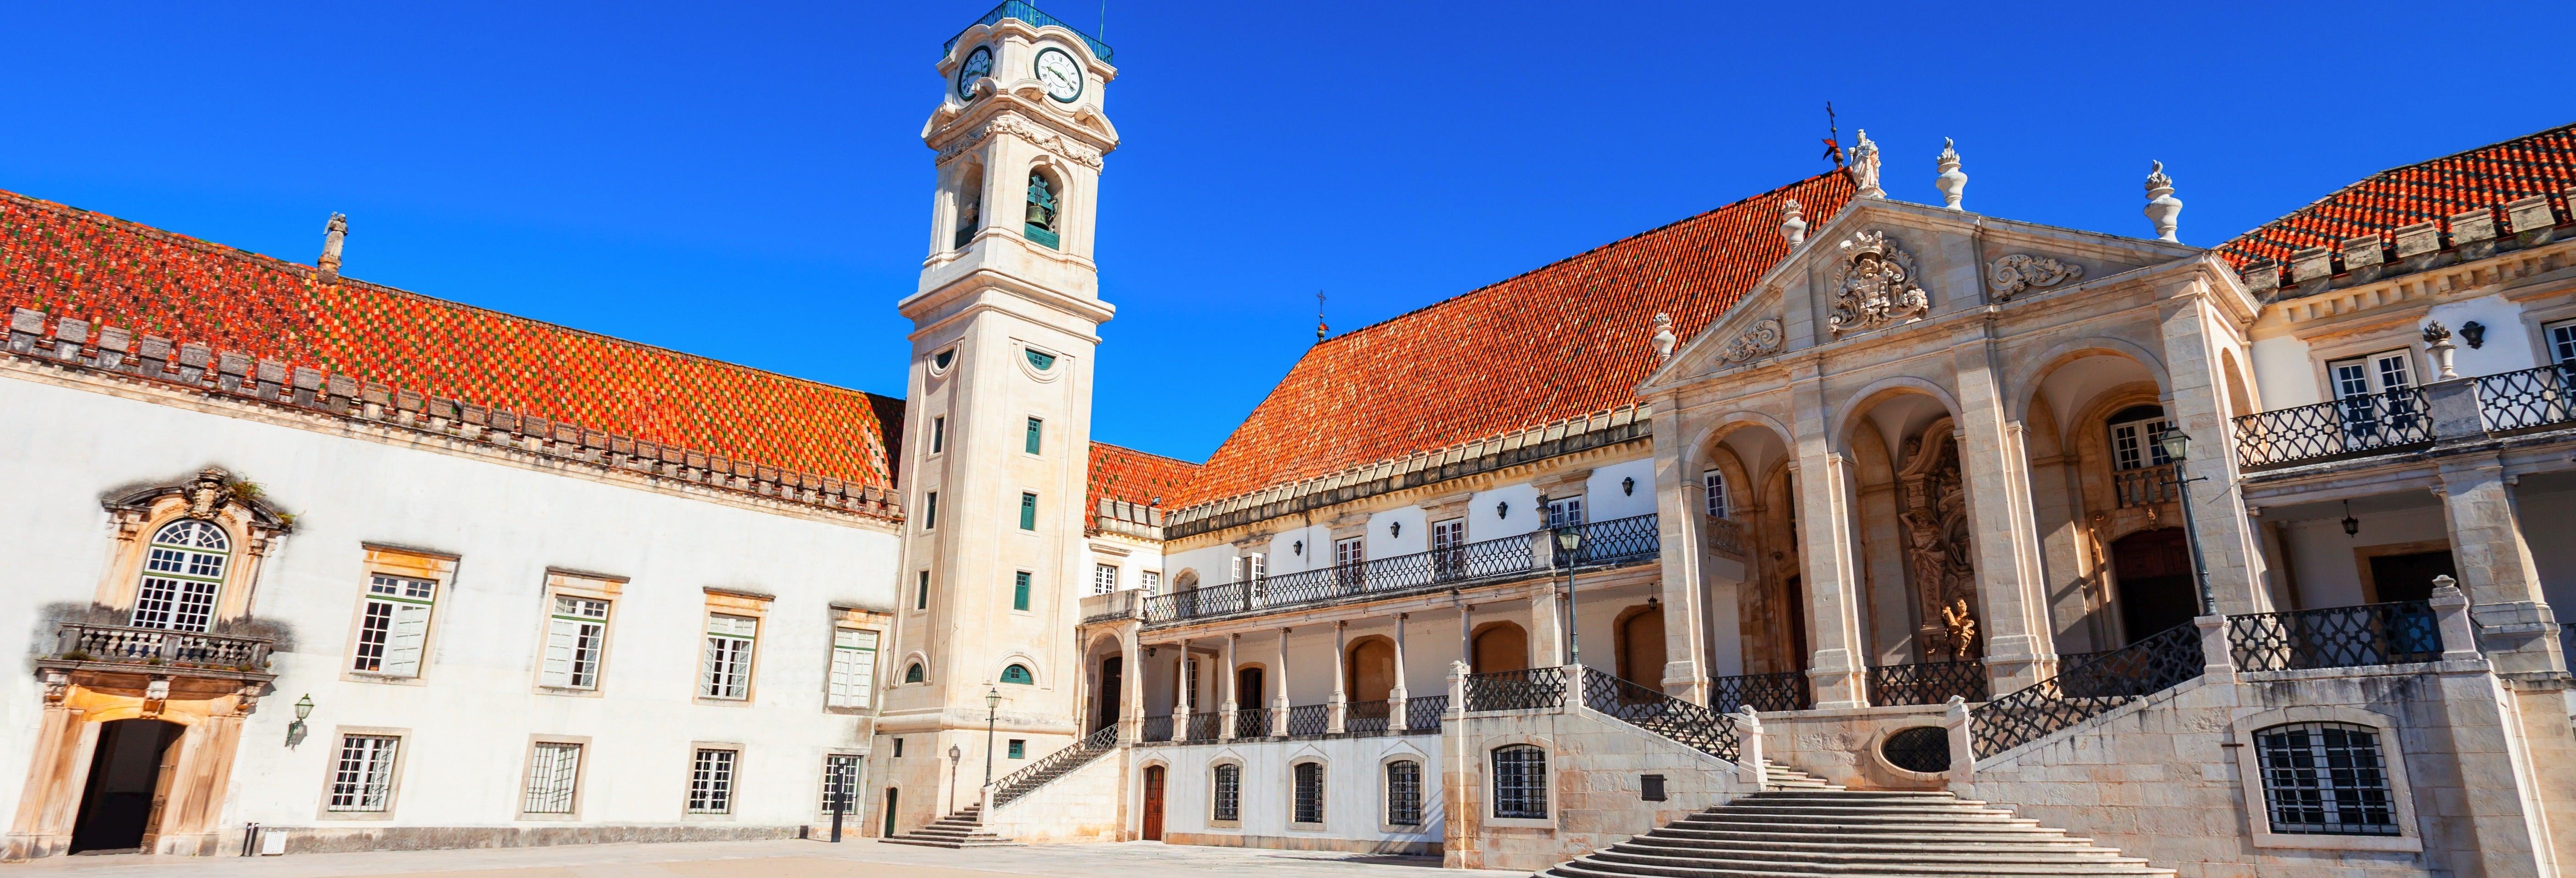 Coimbra Free Tour